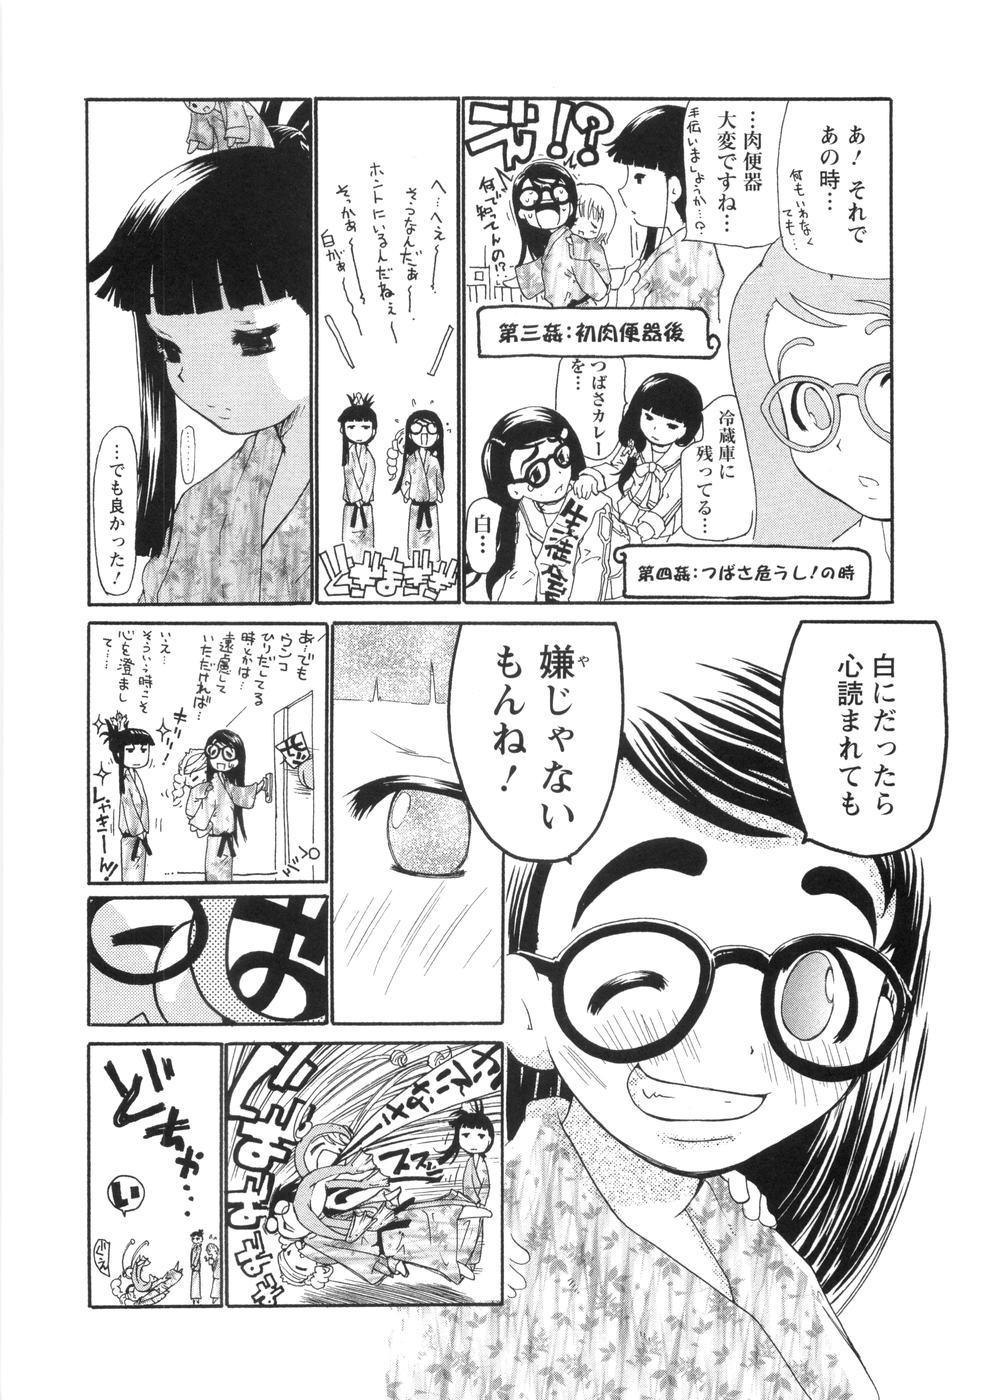 0 PULL TOWN Gakuen e Youkoso! 104